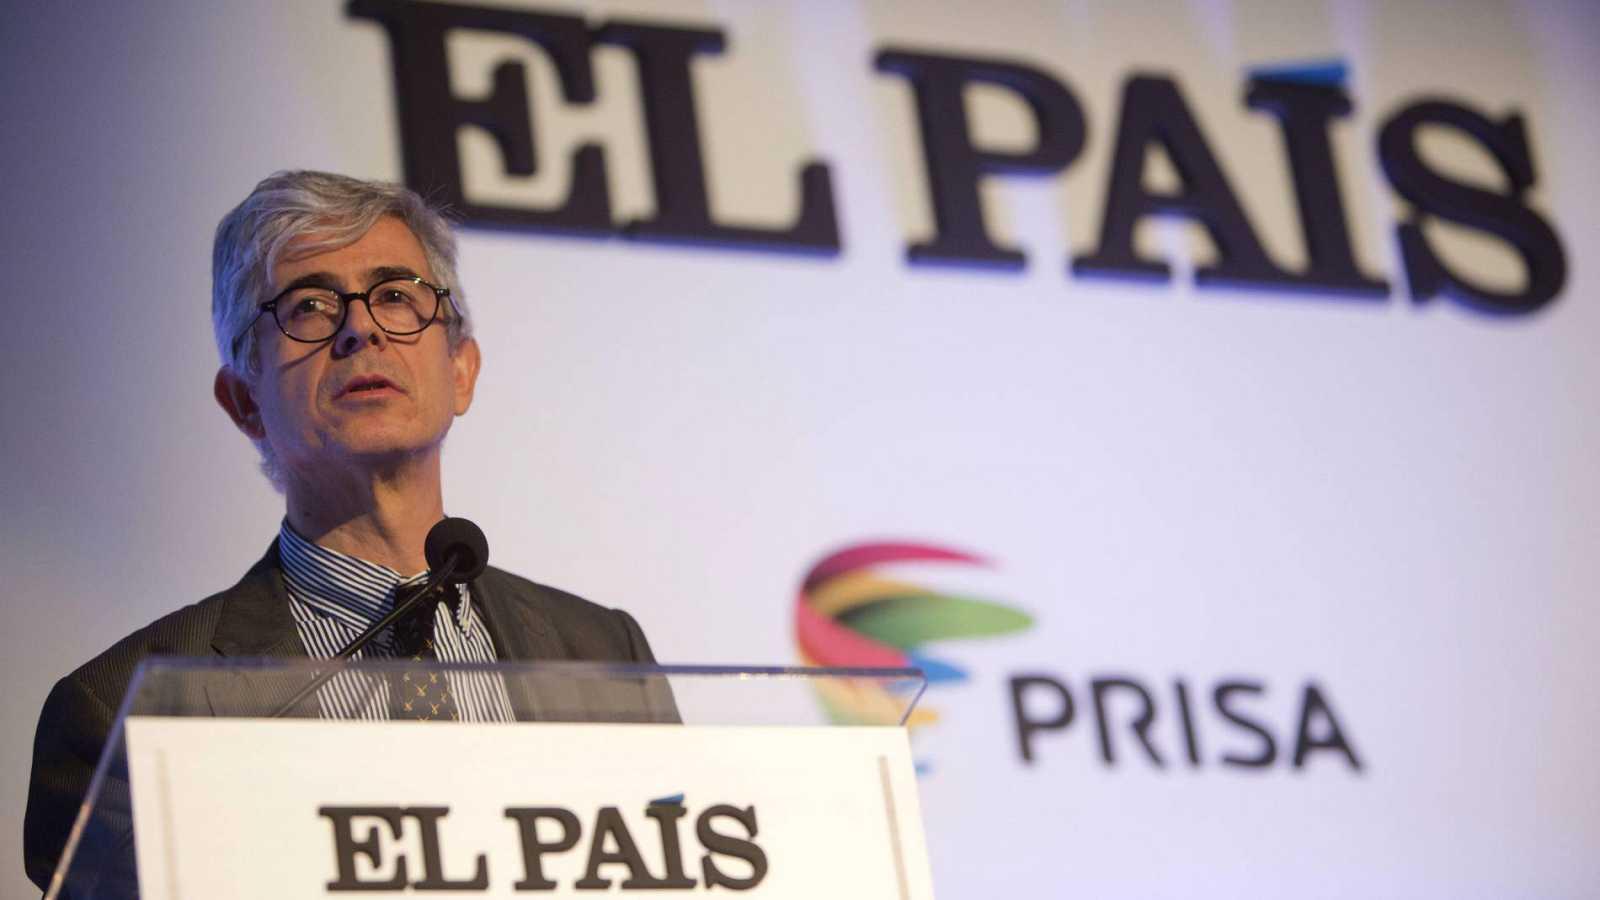 El nuevo director de El País, Javier Moreno, en una imagen de archivo